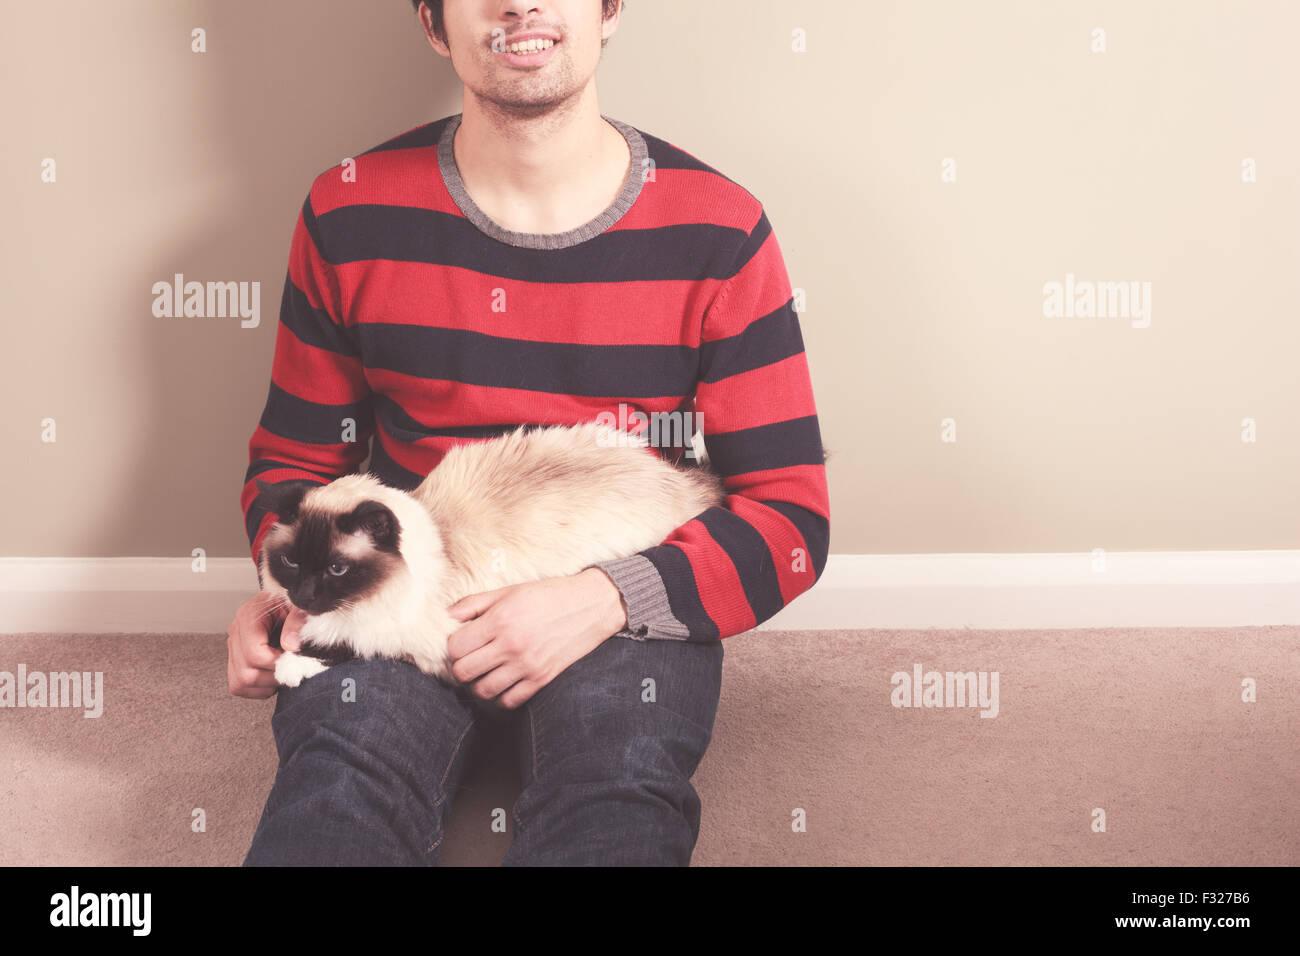 Un joven está sentado en el suelo y acariciar a su gato Imagen De Stock